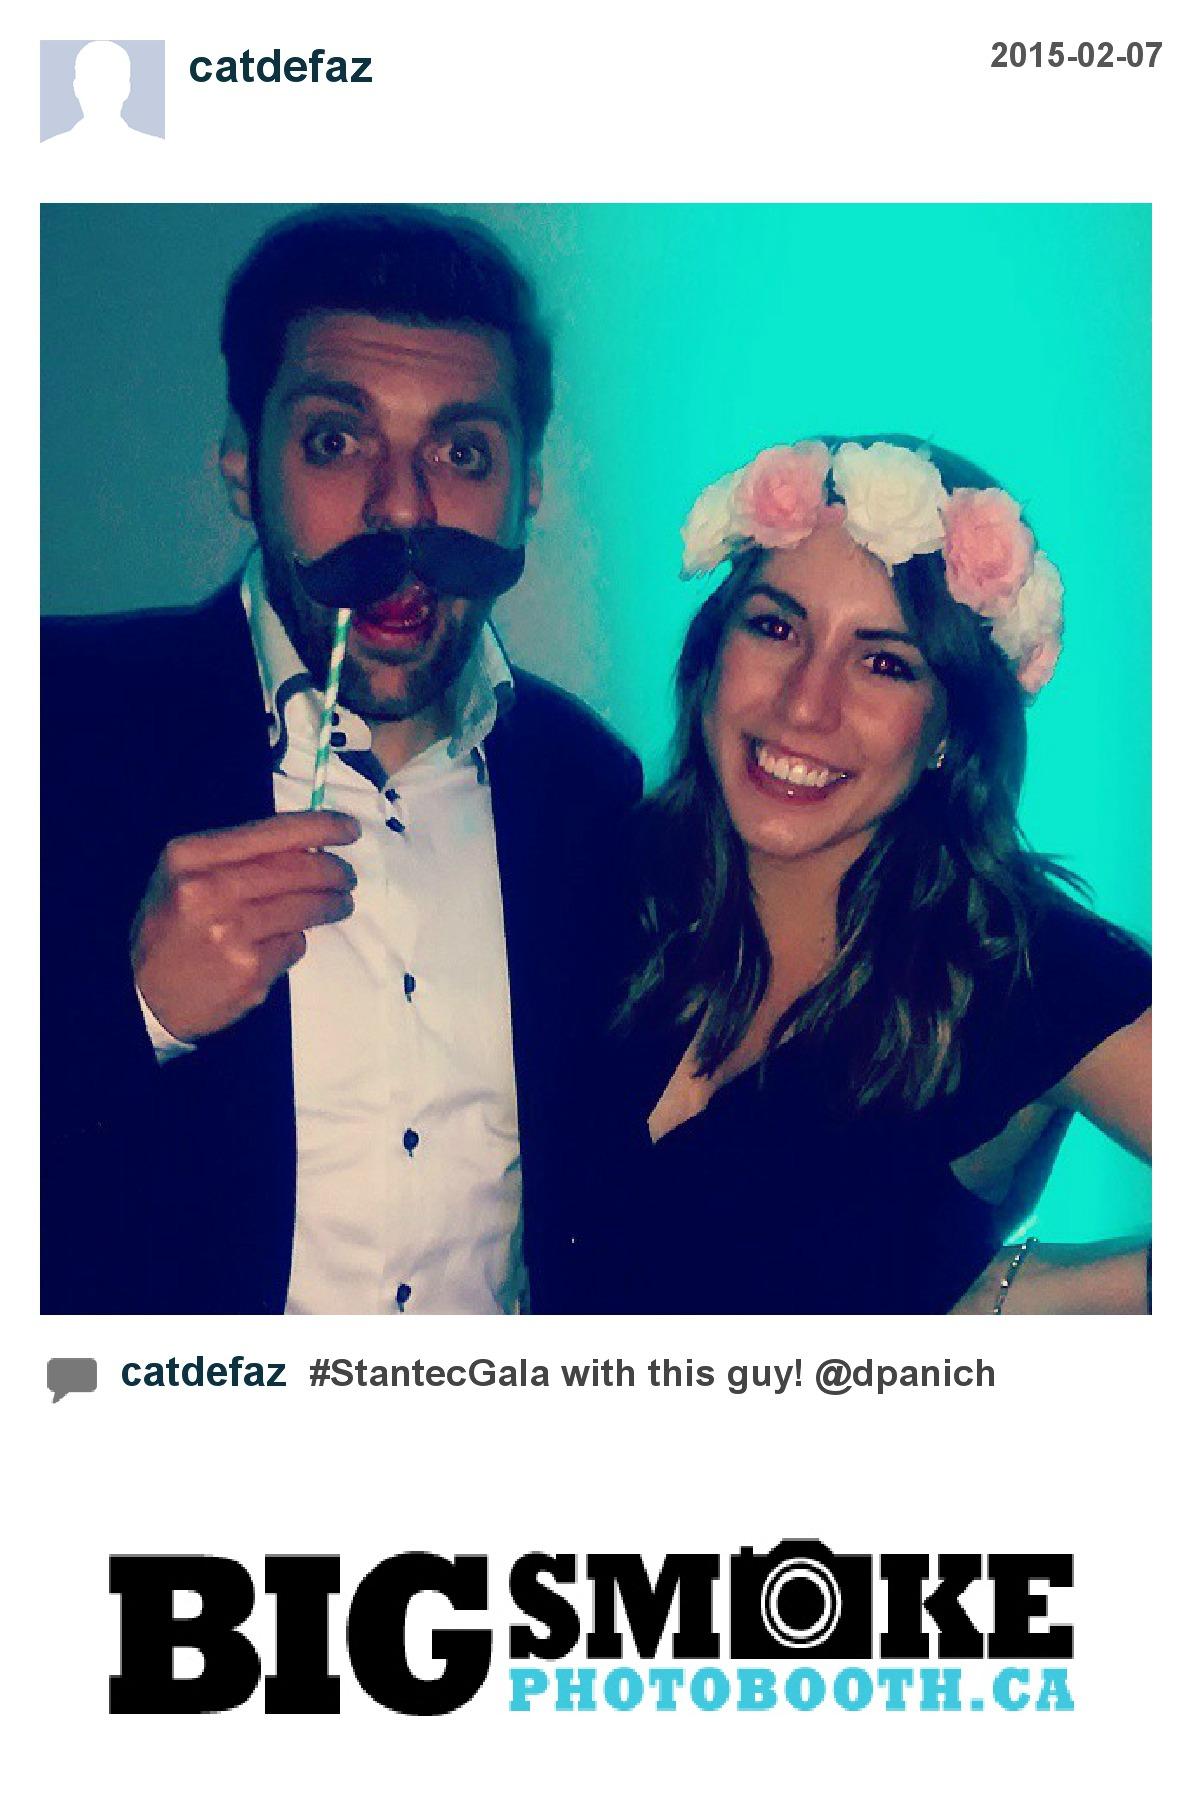 Stantec Gala Instagram Printing.jpg